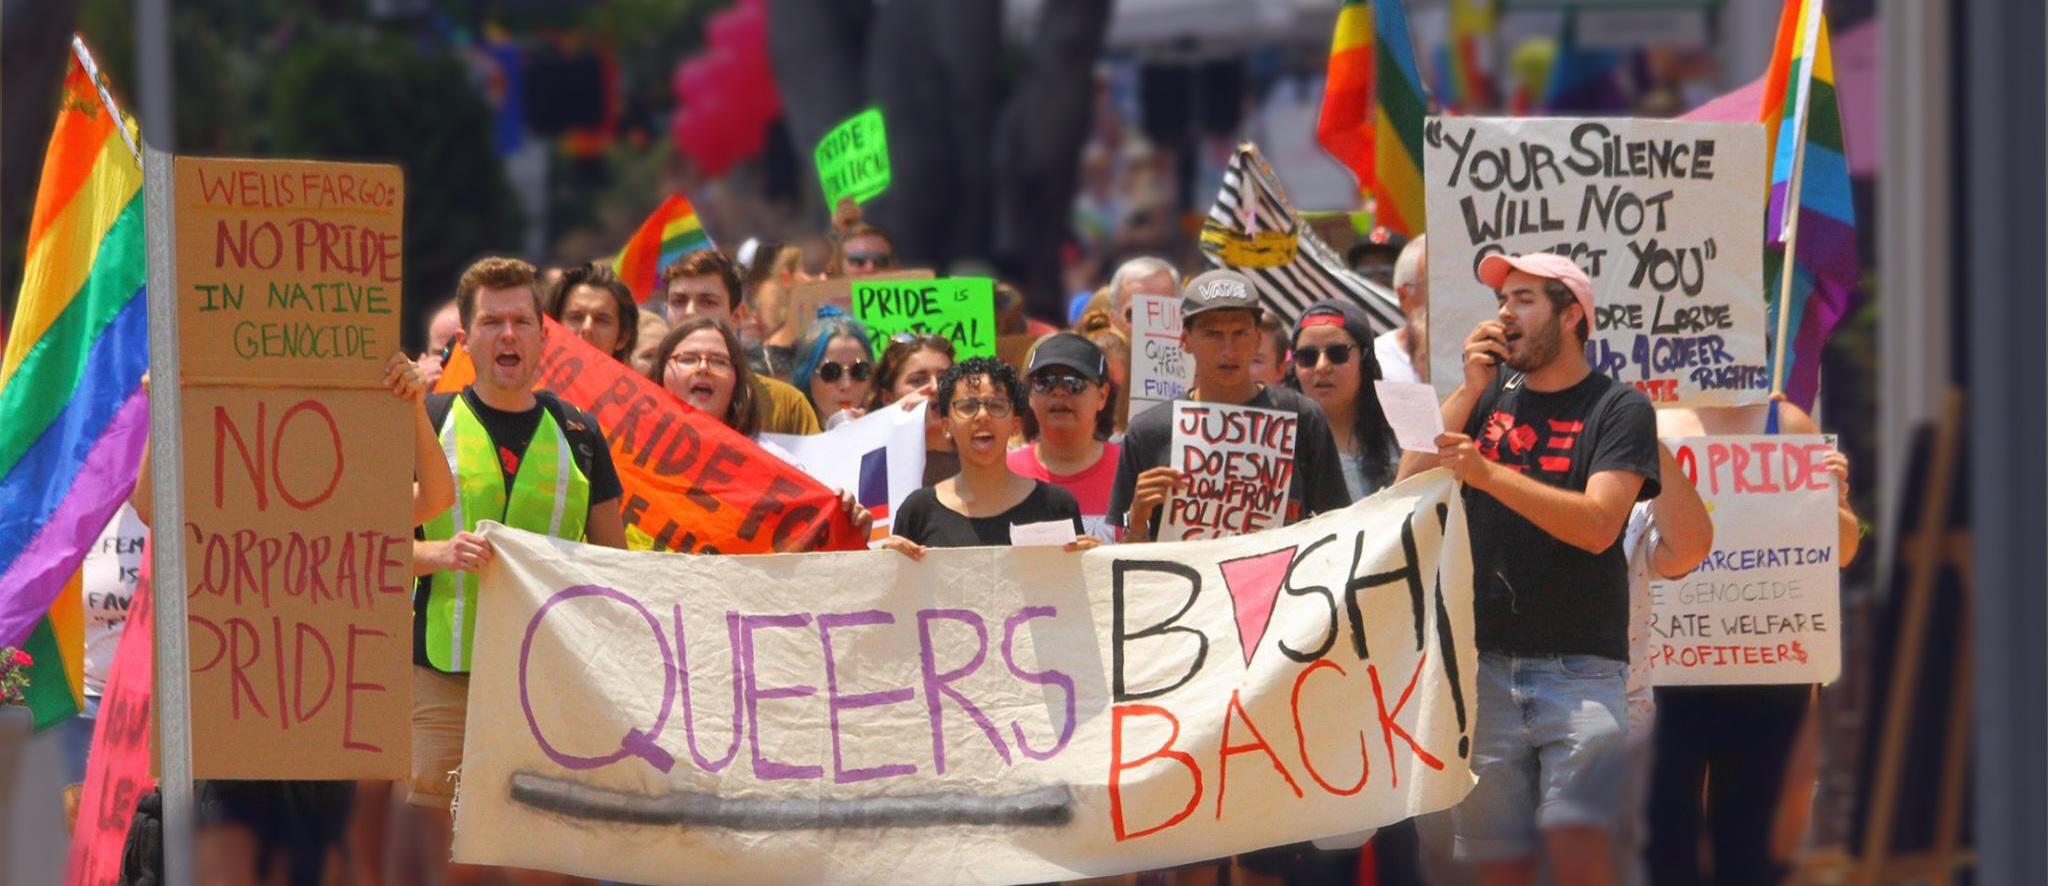 Reclaim Pride -